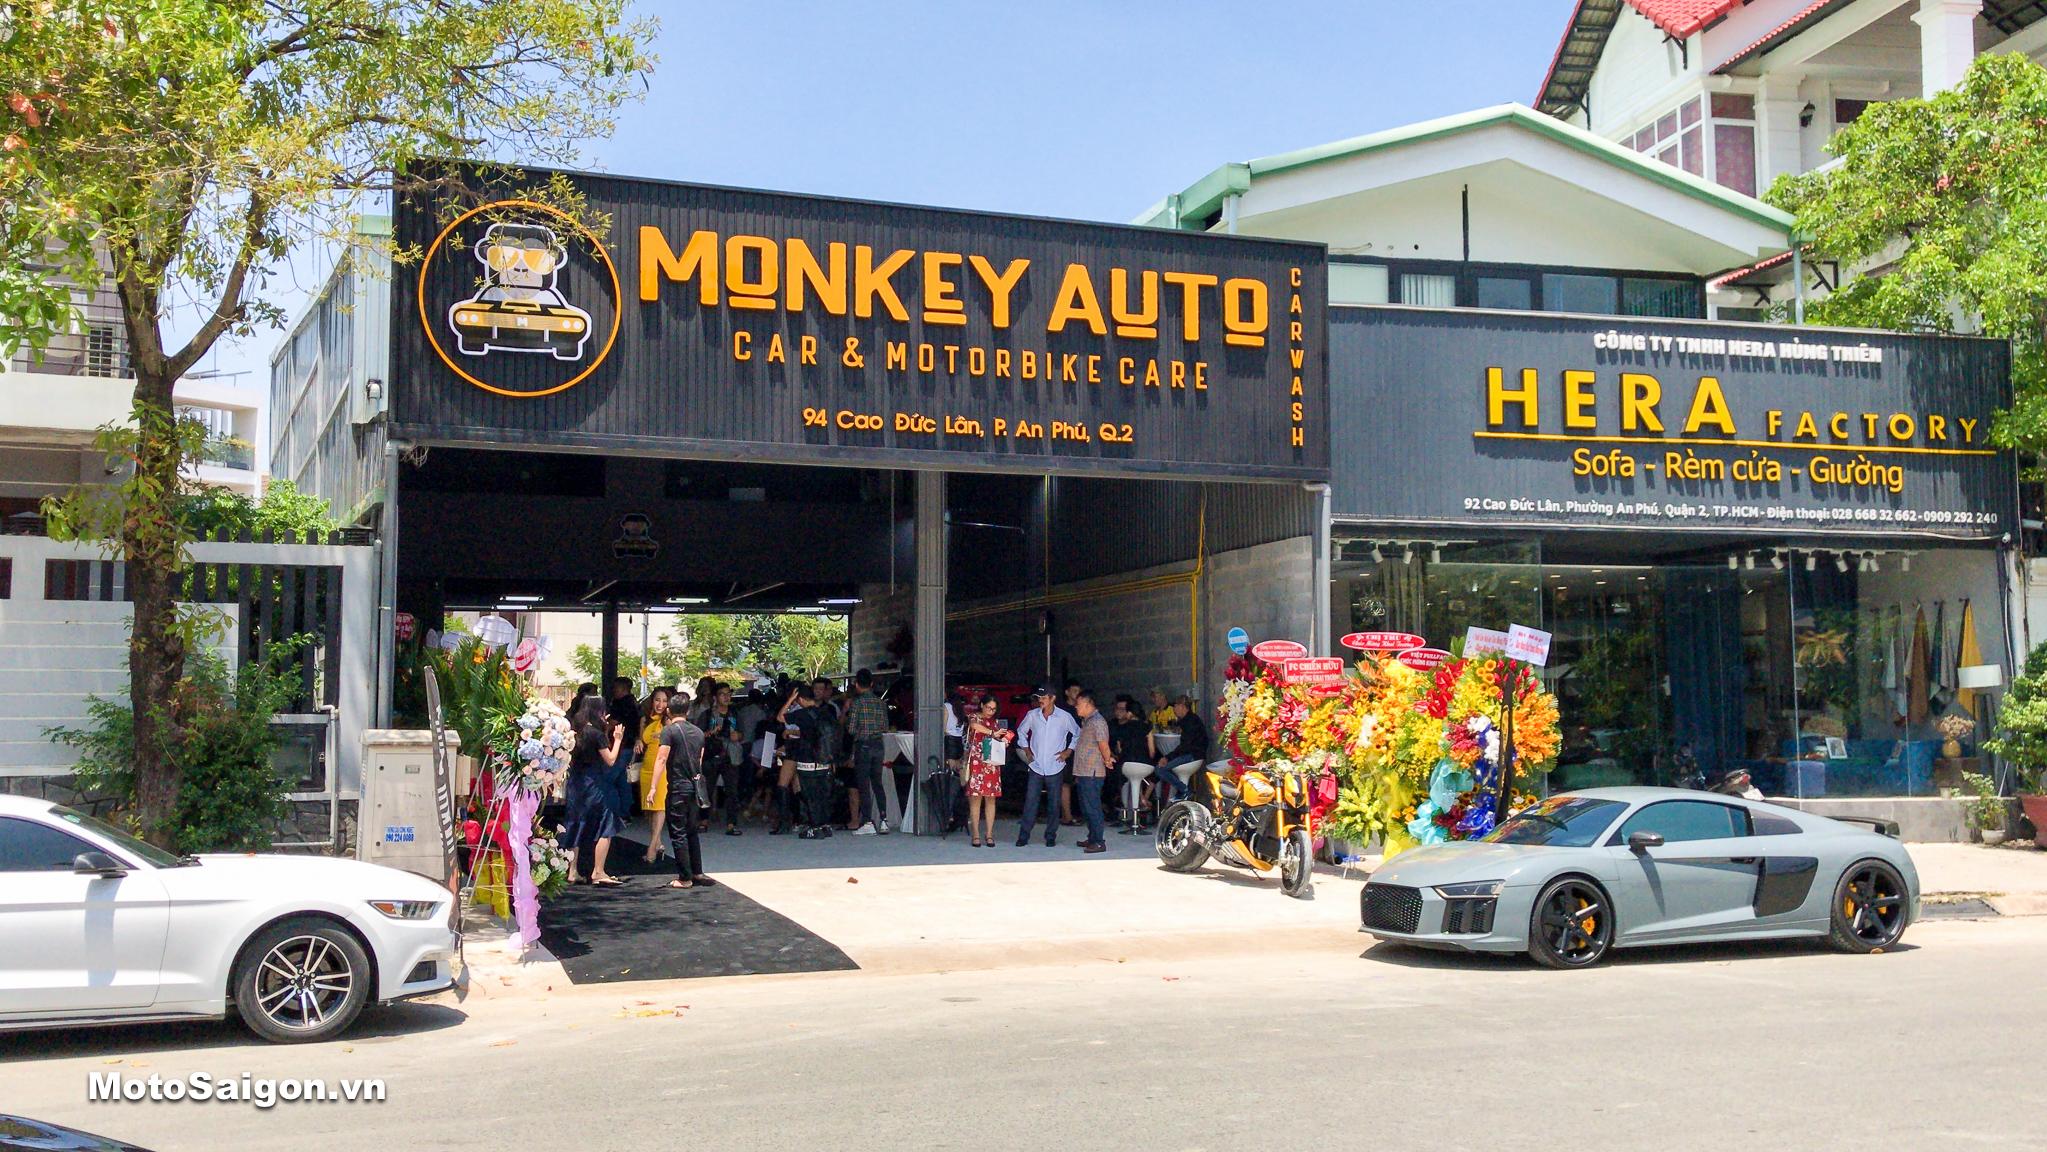 Diễn viên Ngọc Lan rạng rỡ dự khai trương MONKEY AUTO